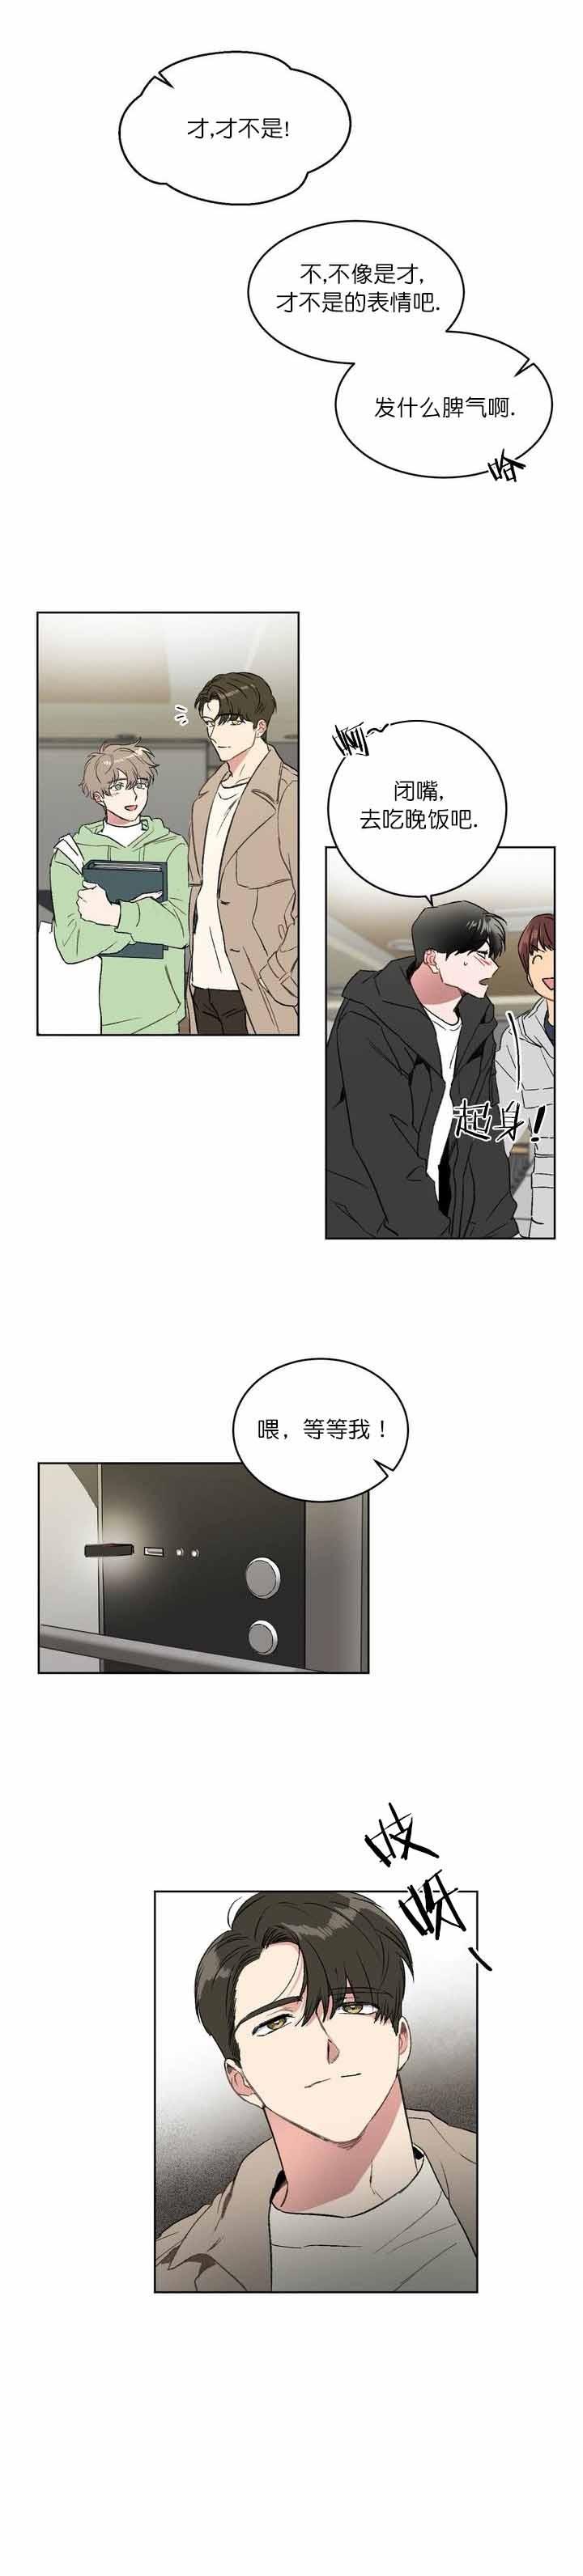 韩漫  《特别讲义》表面清纯师生,背地里叫主人  第3张